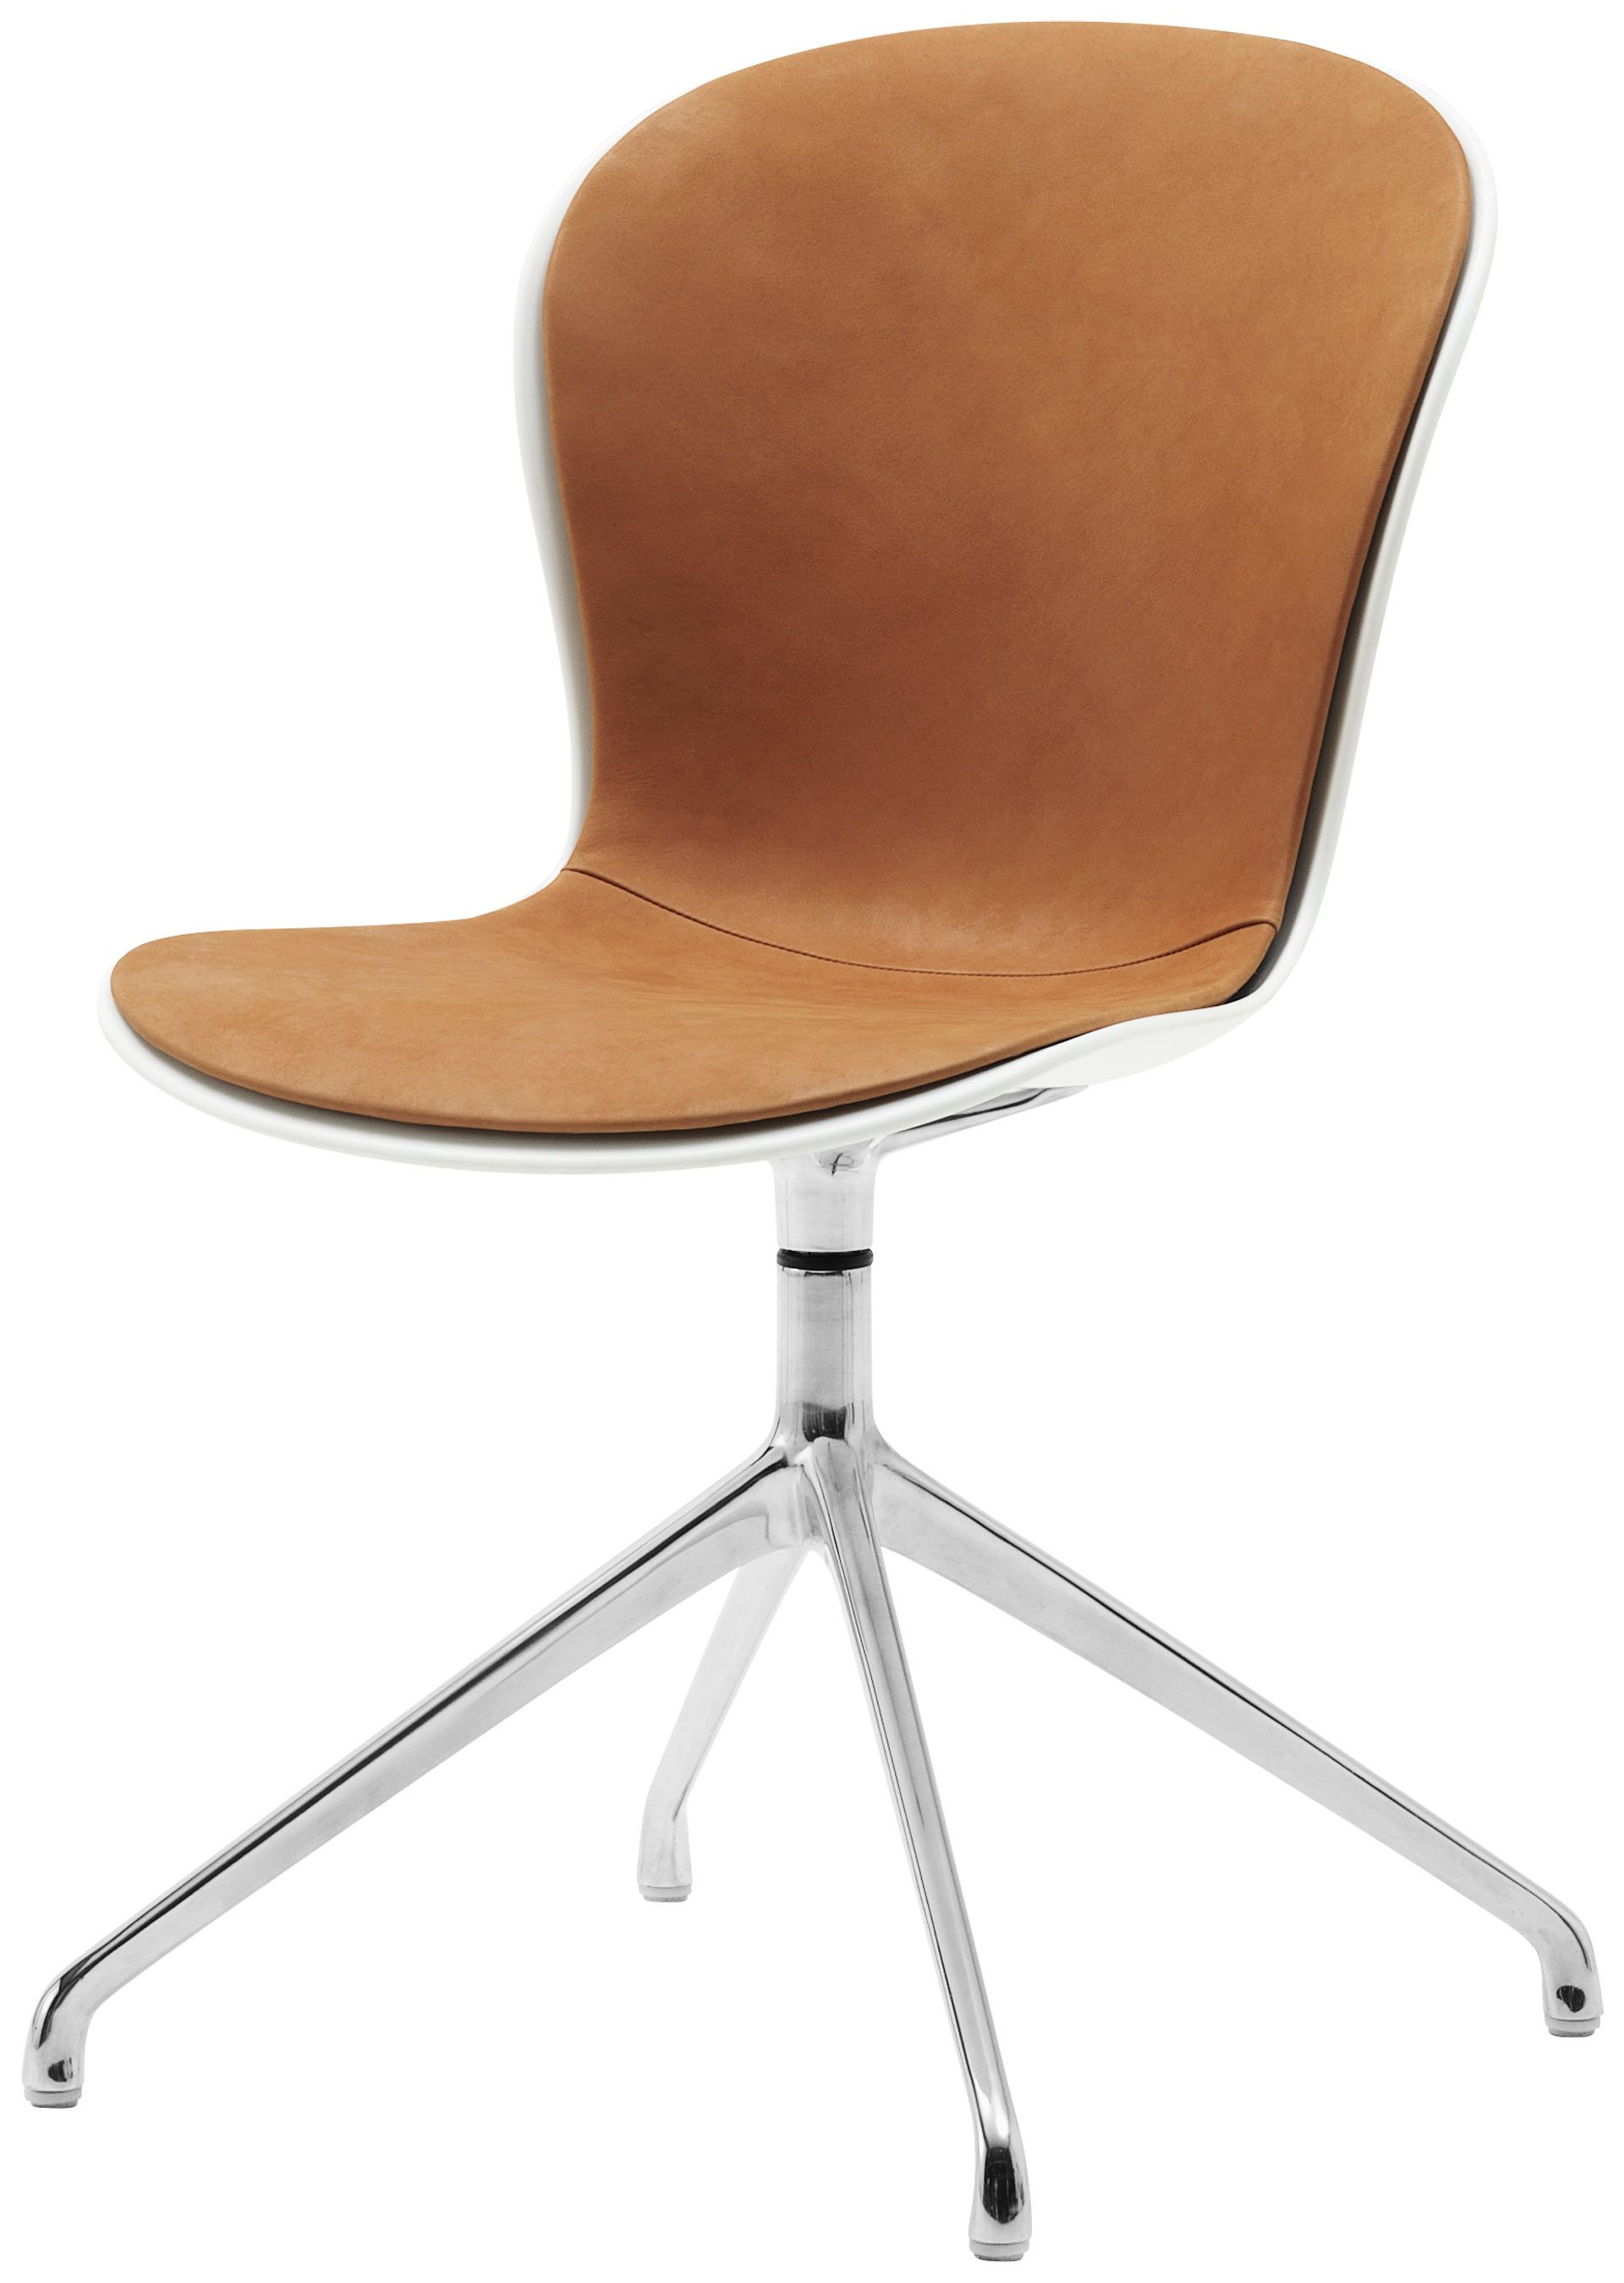 Moderna stolar   Kvalitet från BoConcept   Moderne ...